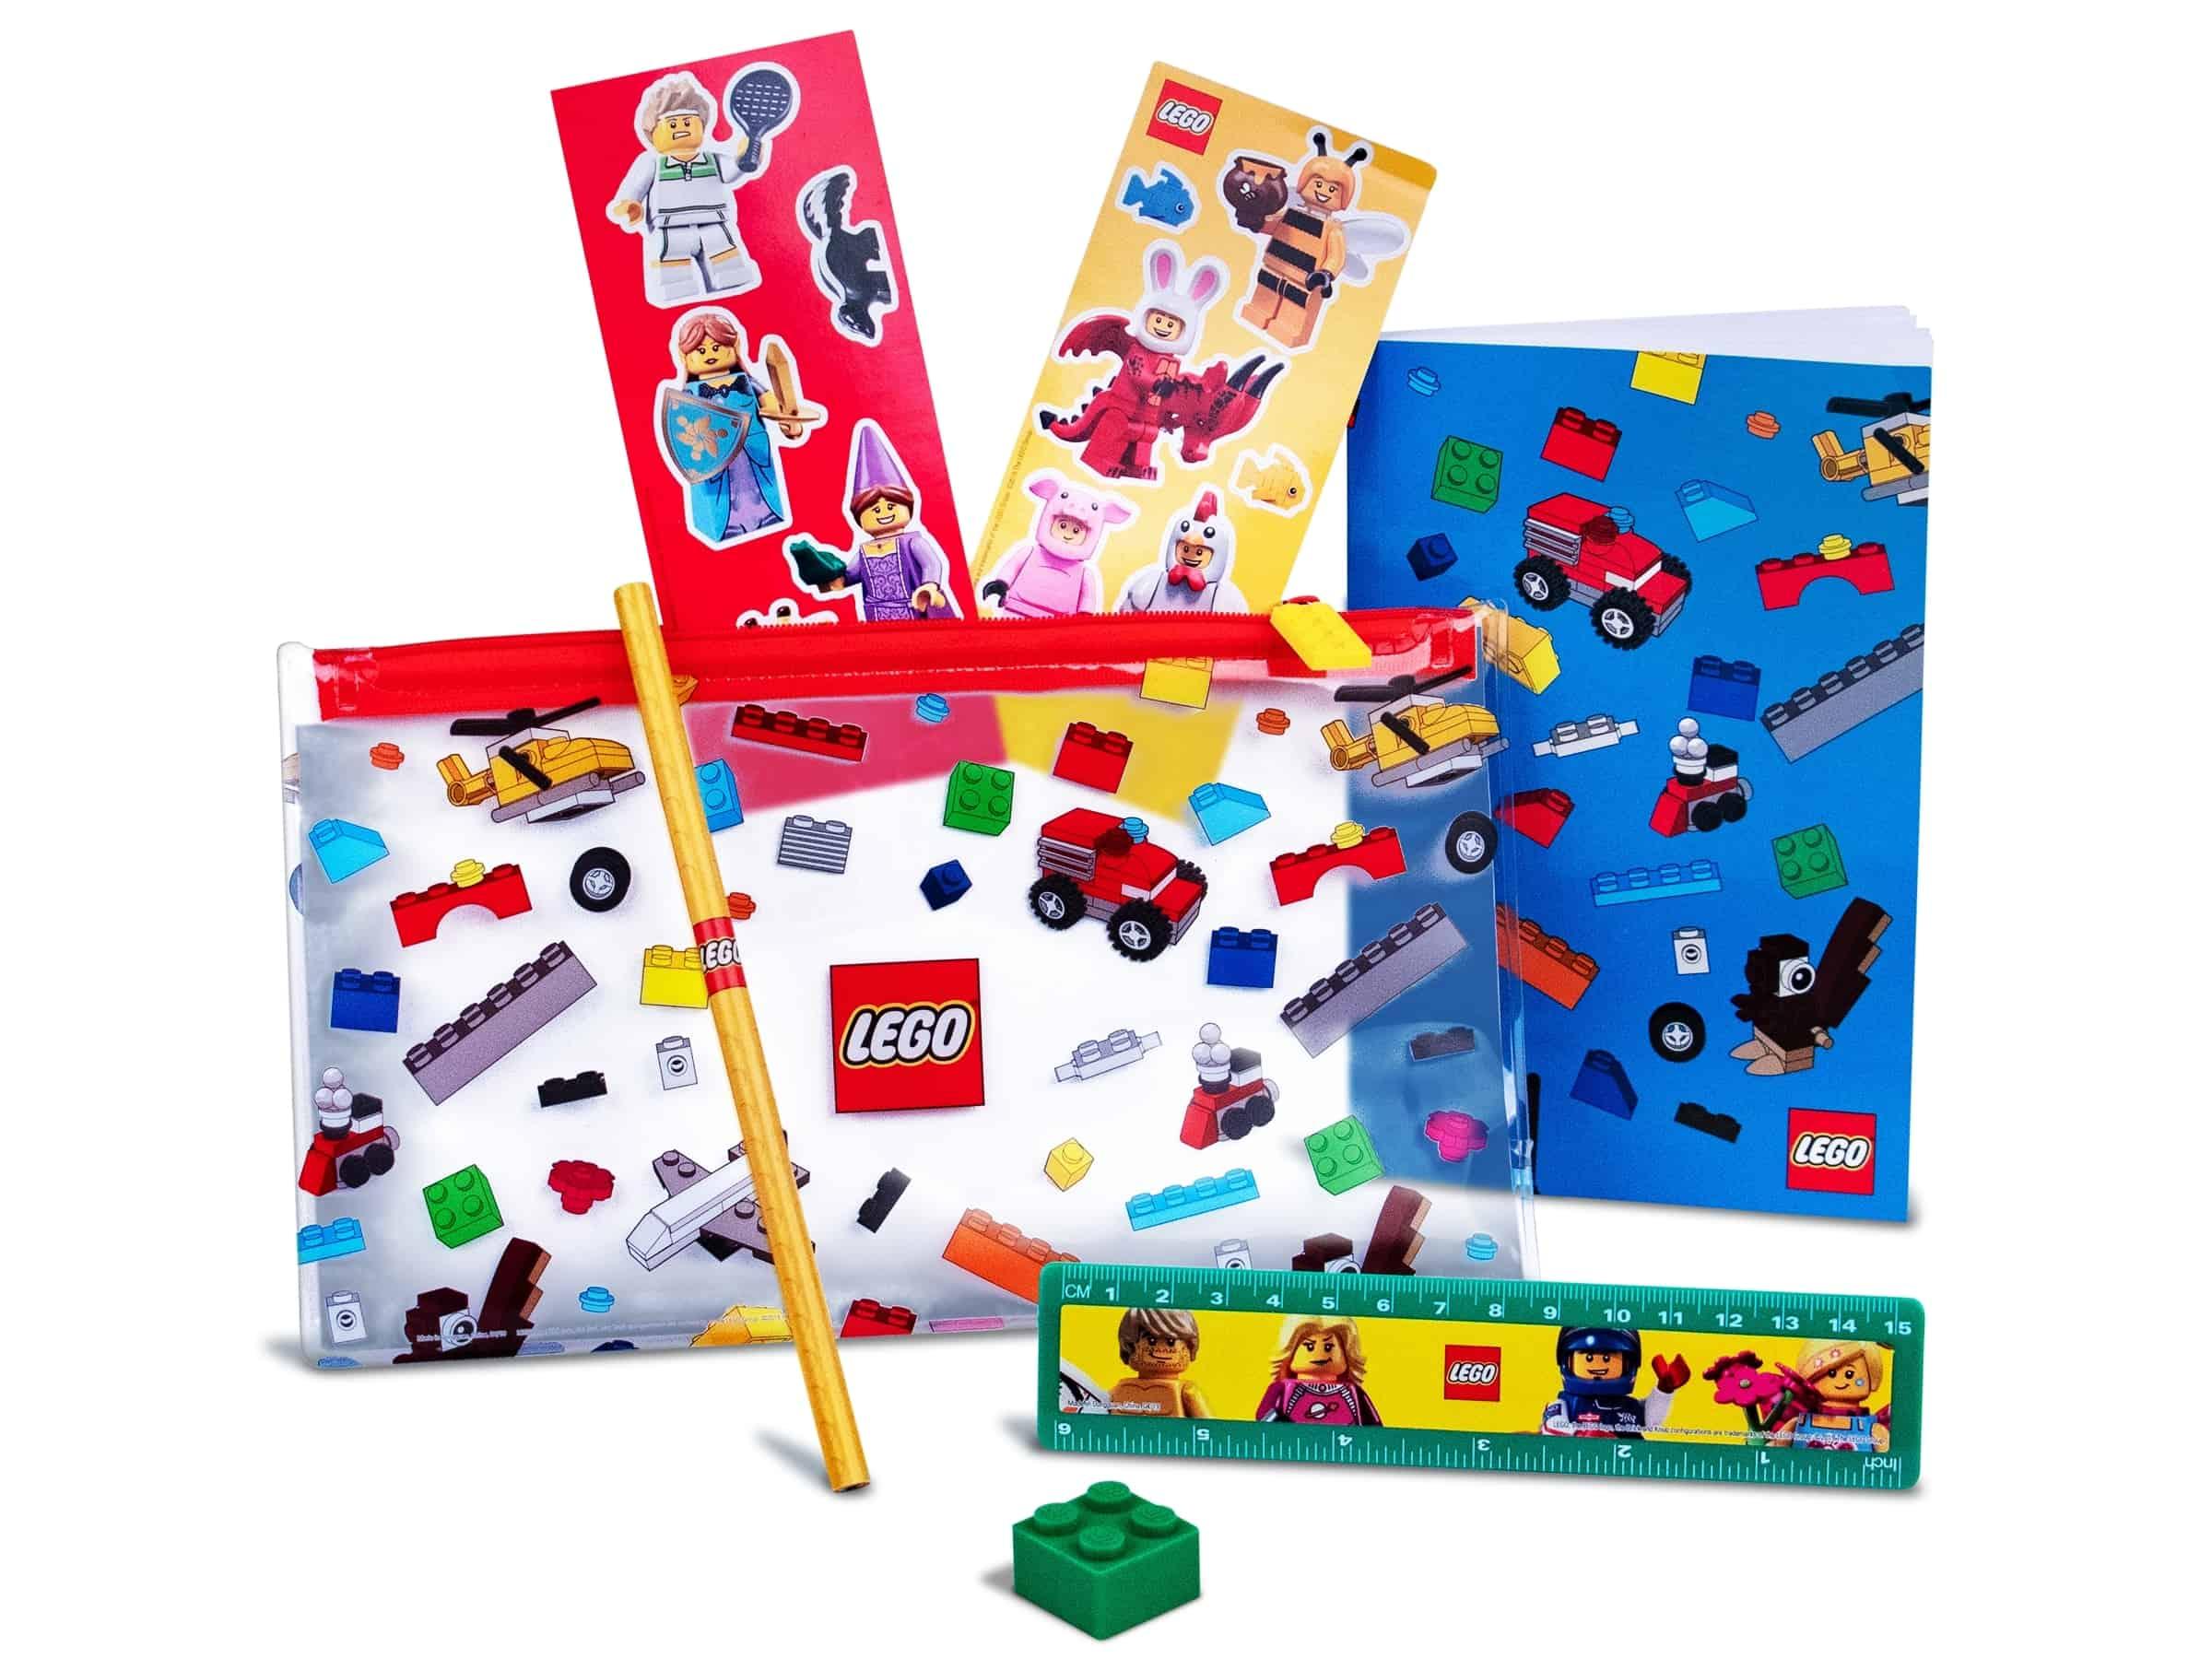 lego terug naar school pakket 5005969